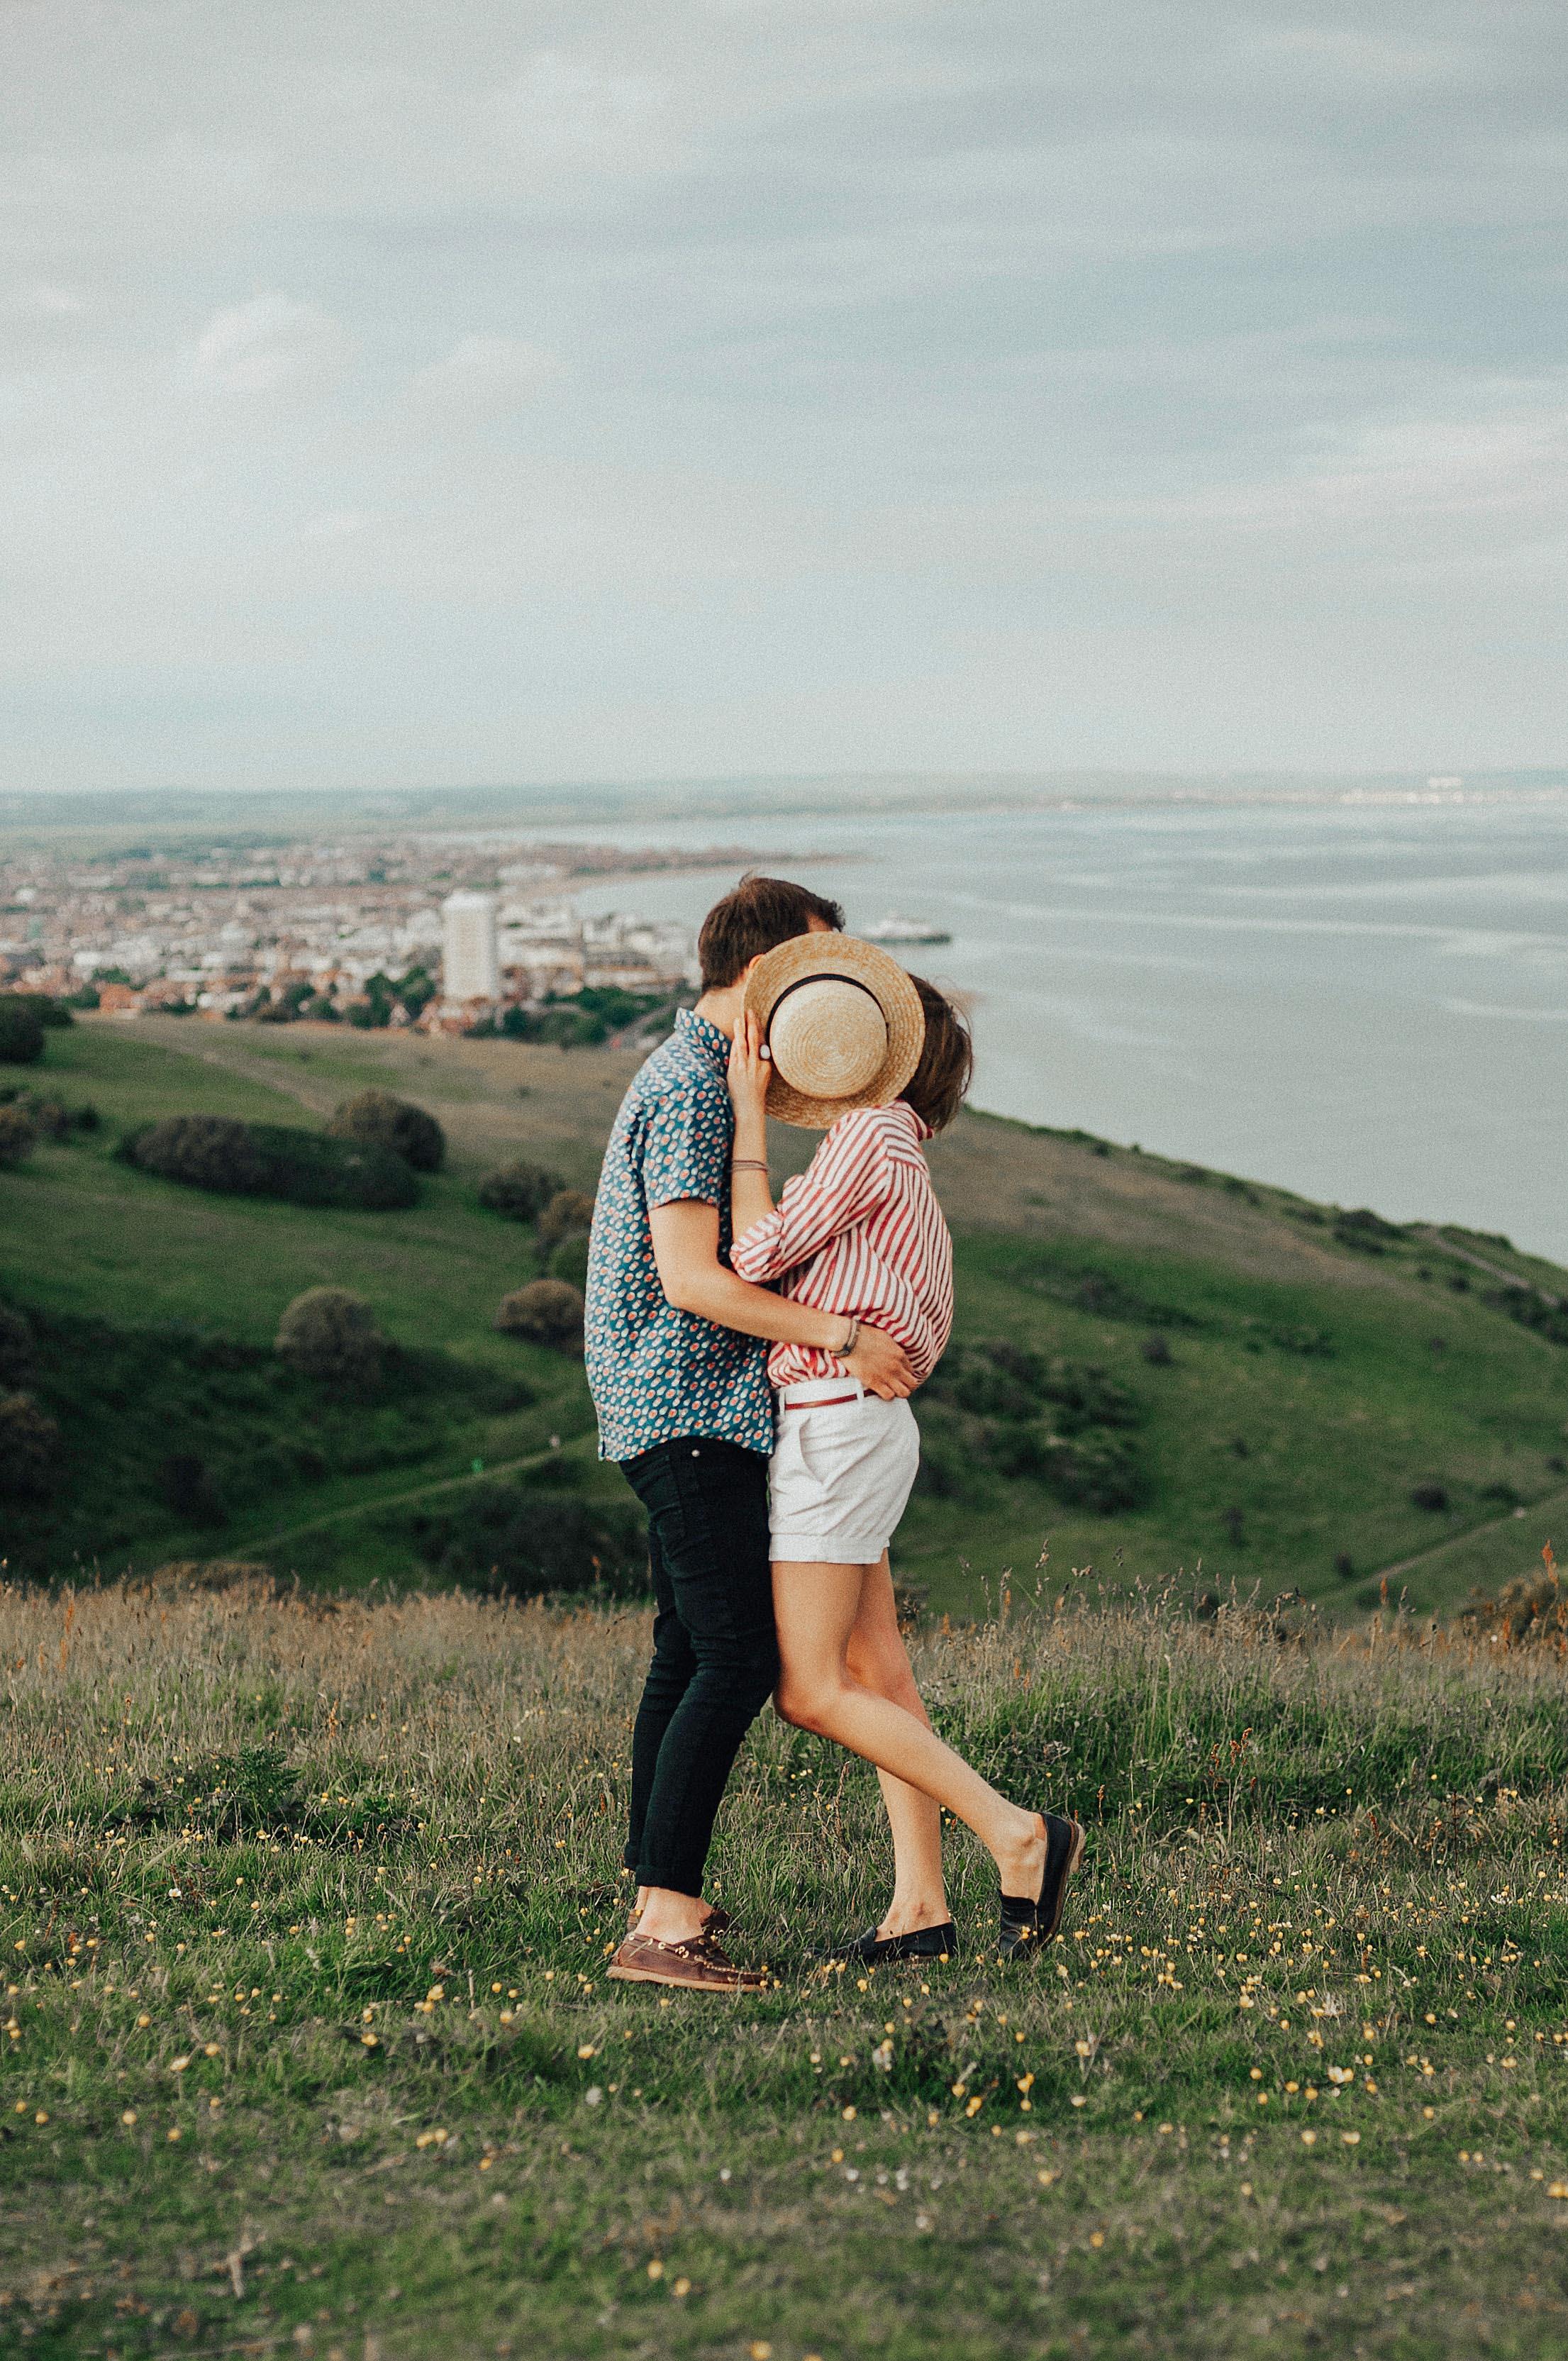 Sự khác biệt tình yêu chân thật và say nắng 6